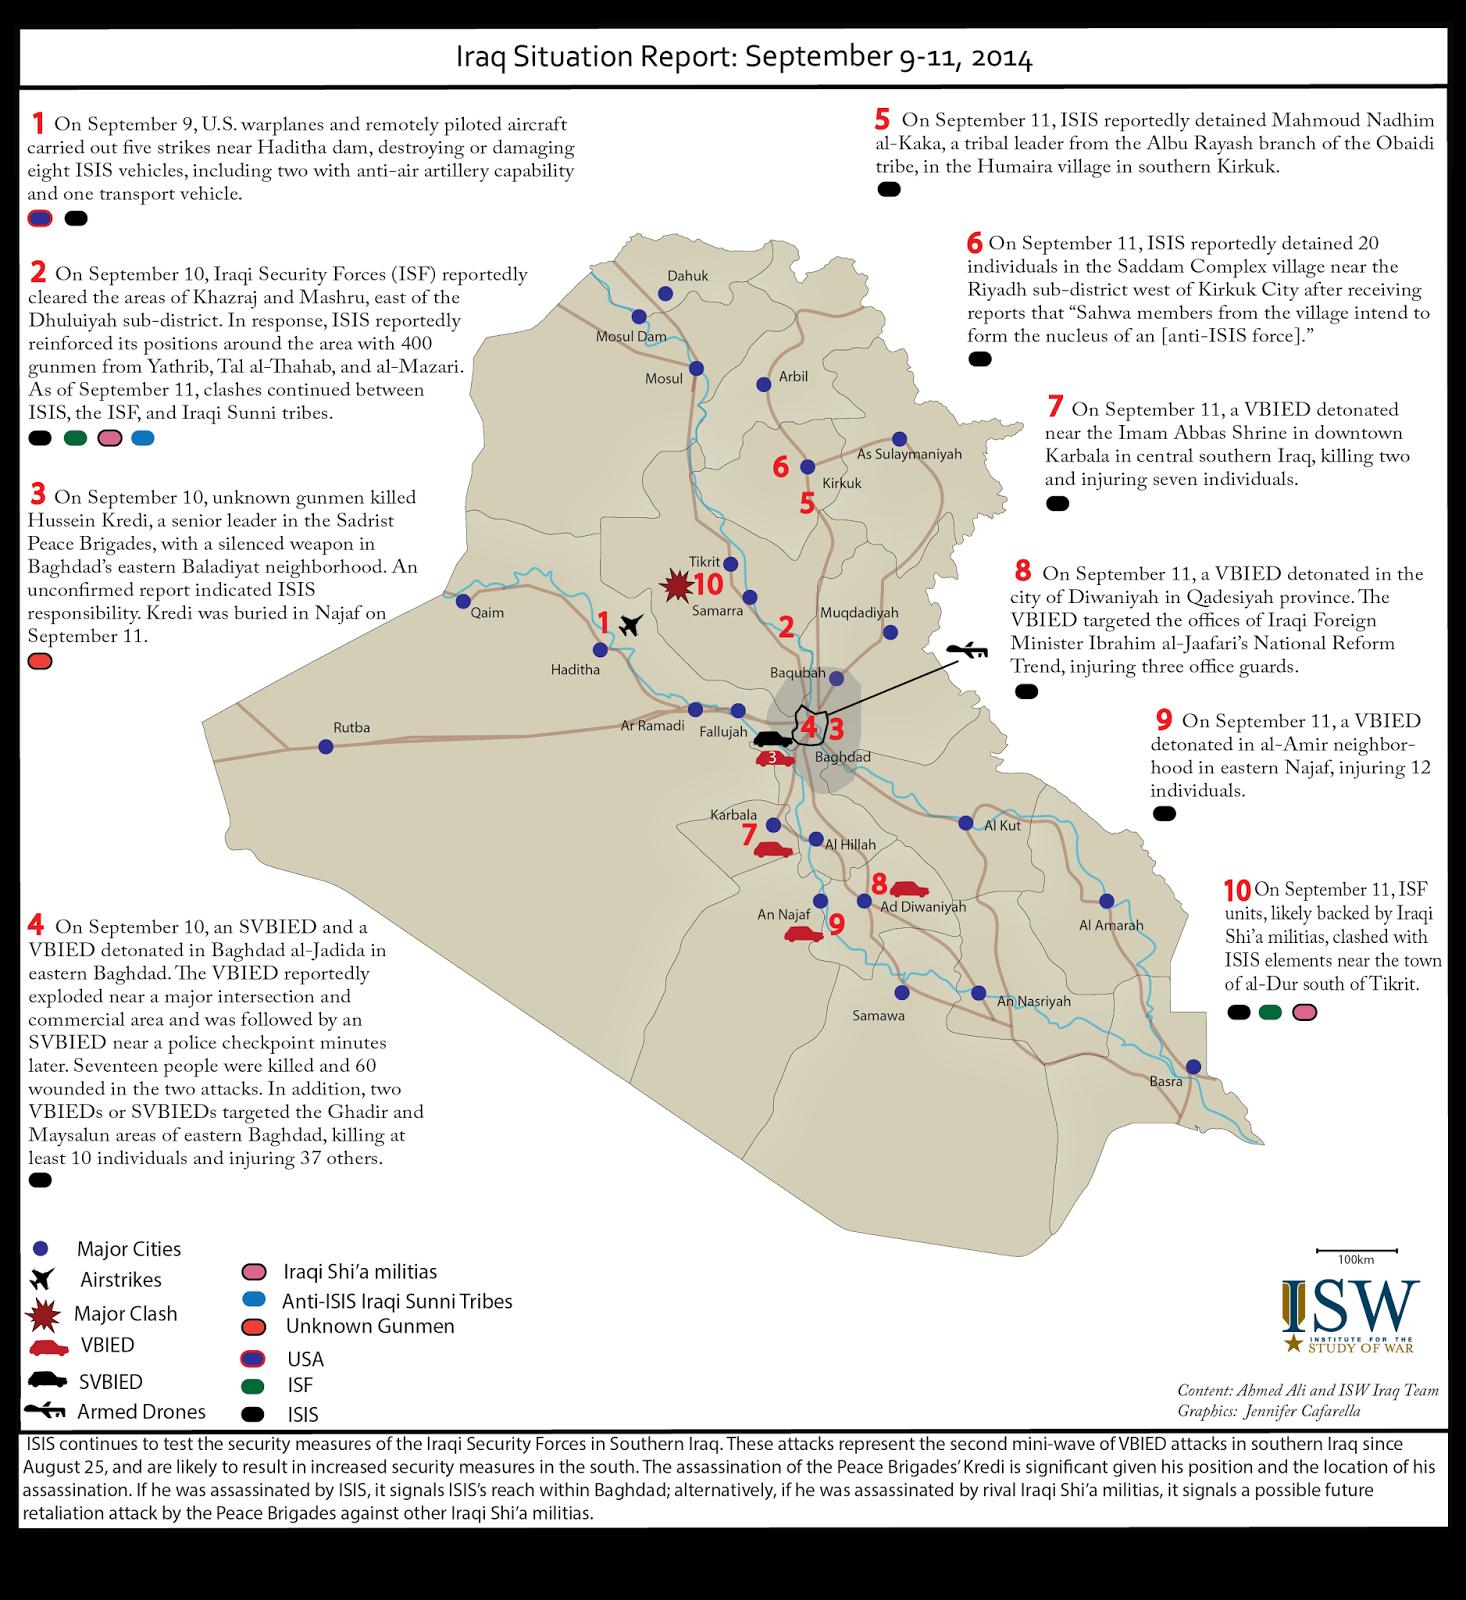 متابعة مستجدات الساحة العراقية - صفحة 6 Iraq%2BSituation%2BReport%2BSeptember%2B9-11